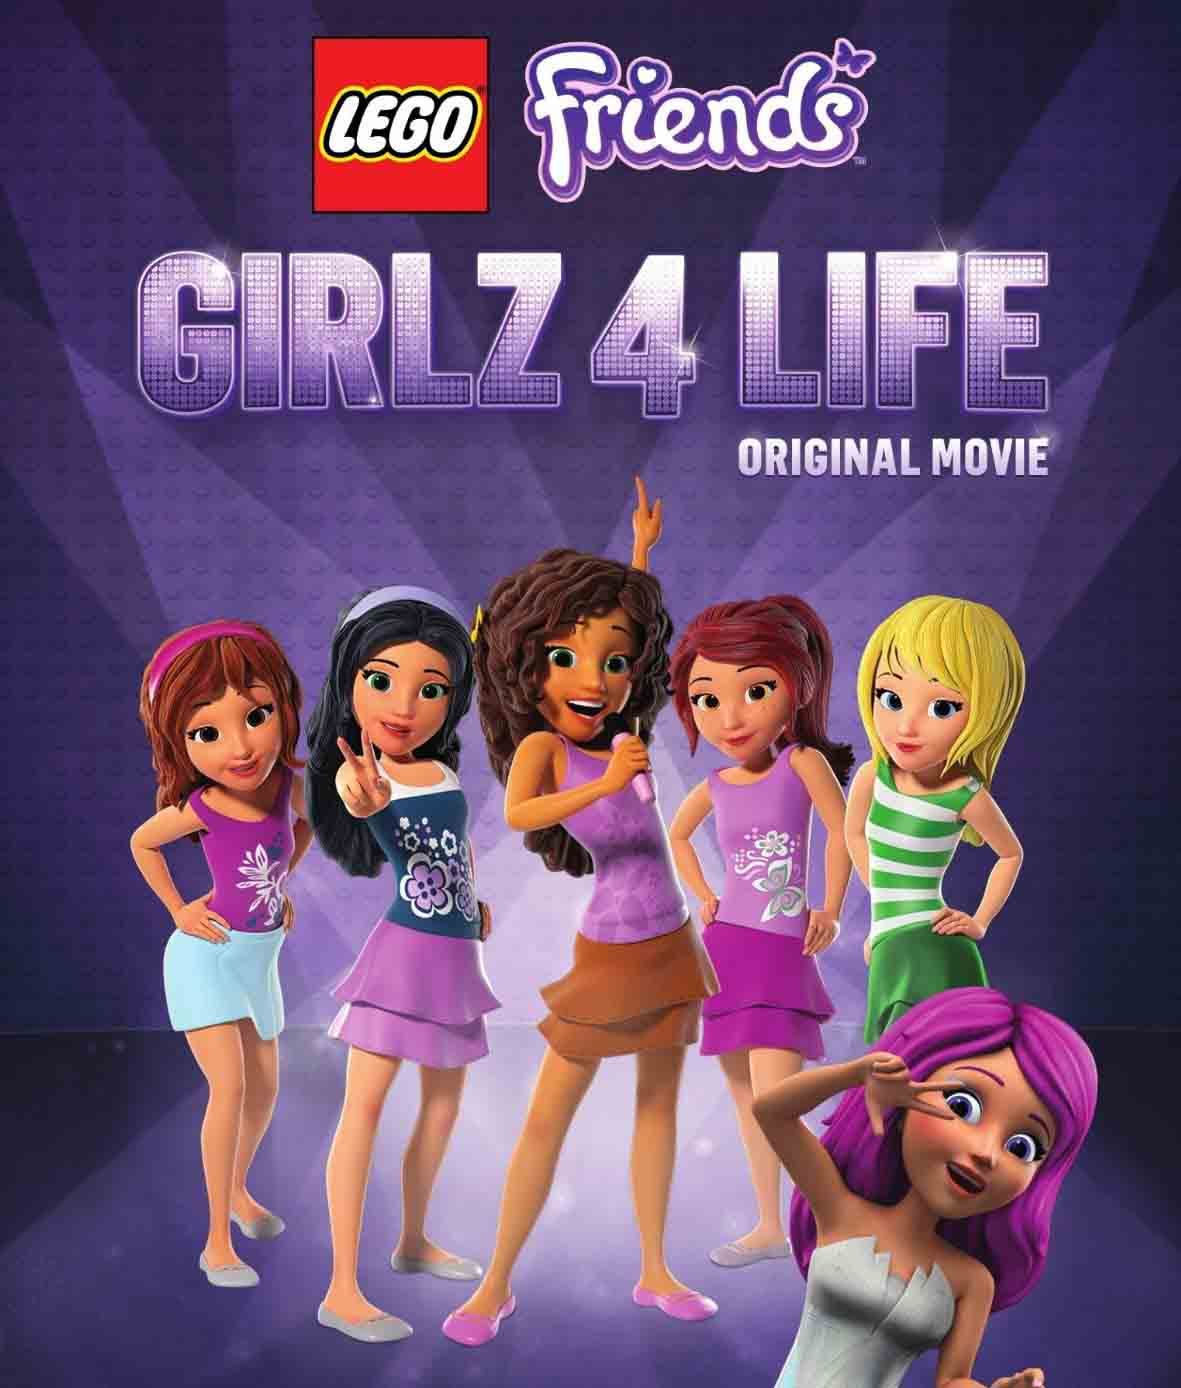 LEGO FRIENDS: Girlz 4 Life Torrent - Blu-ray Rip 720p e 1080p Dublado (2016)